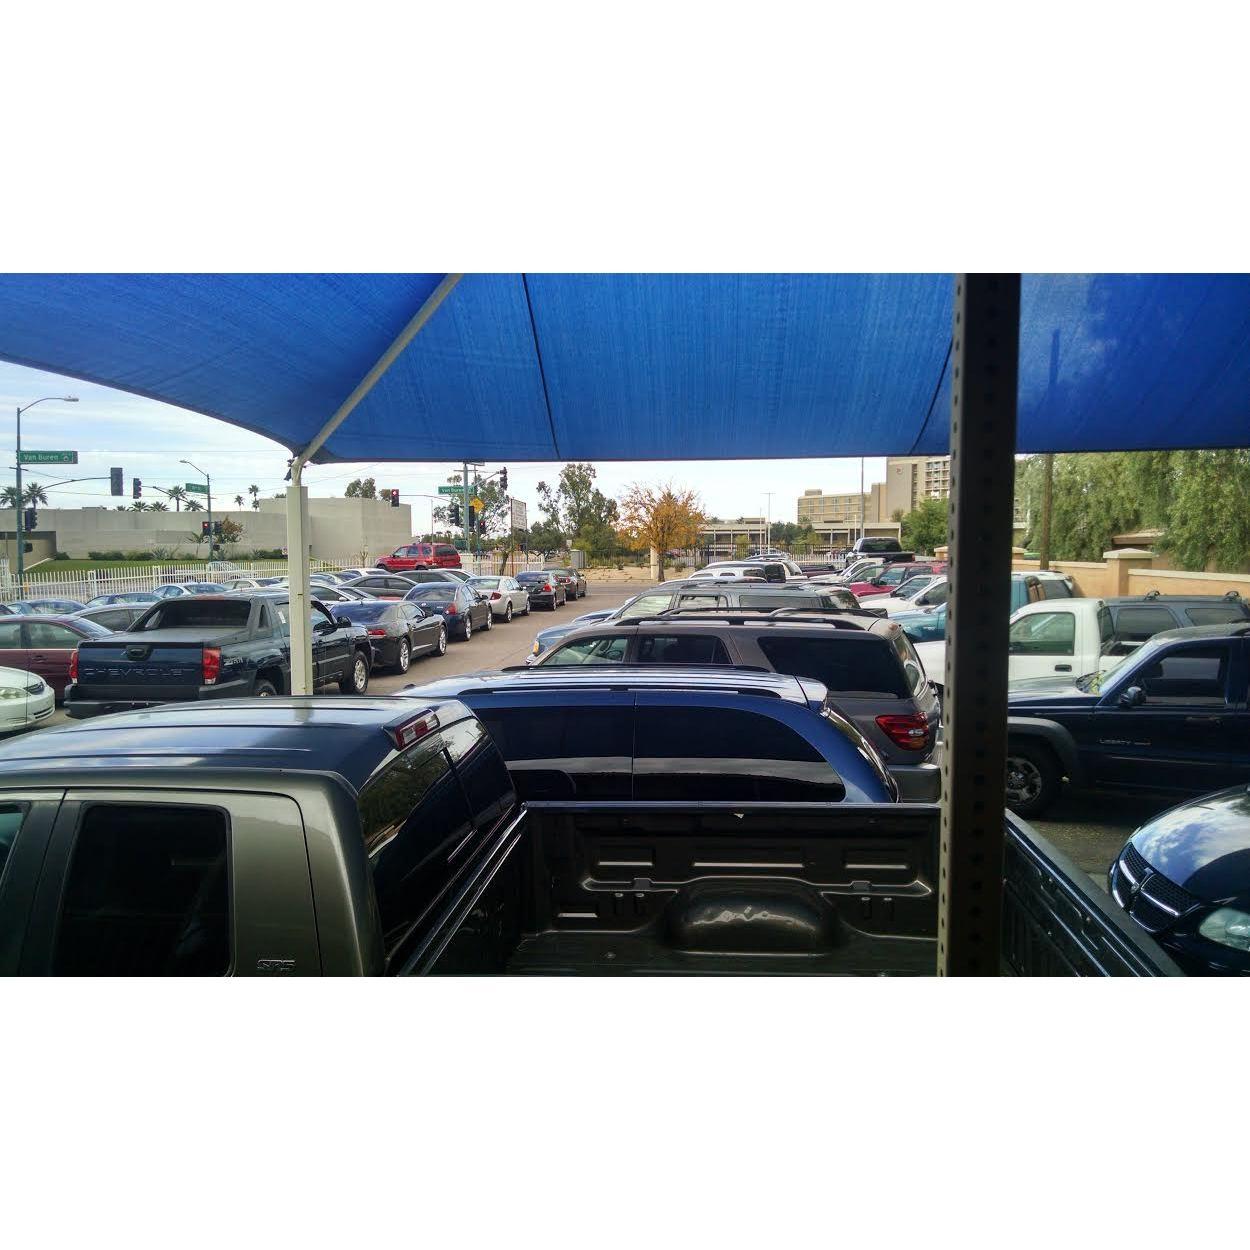 El Norteño Auto Sales image 3